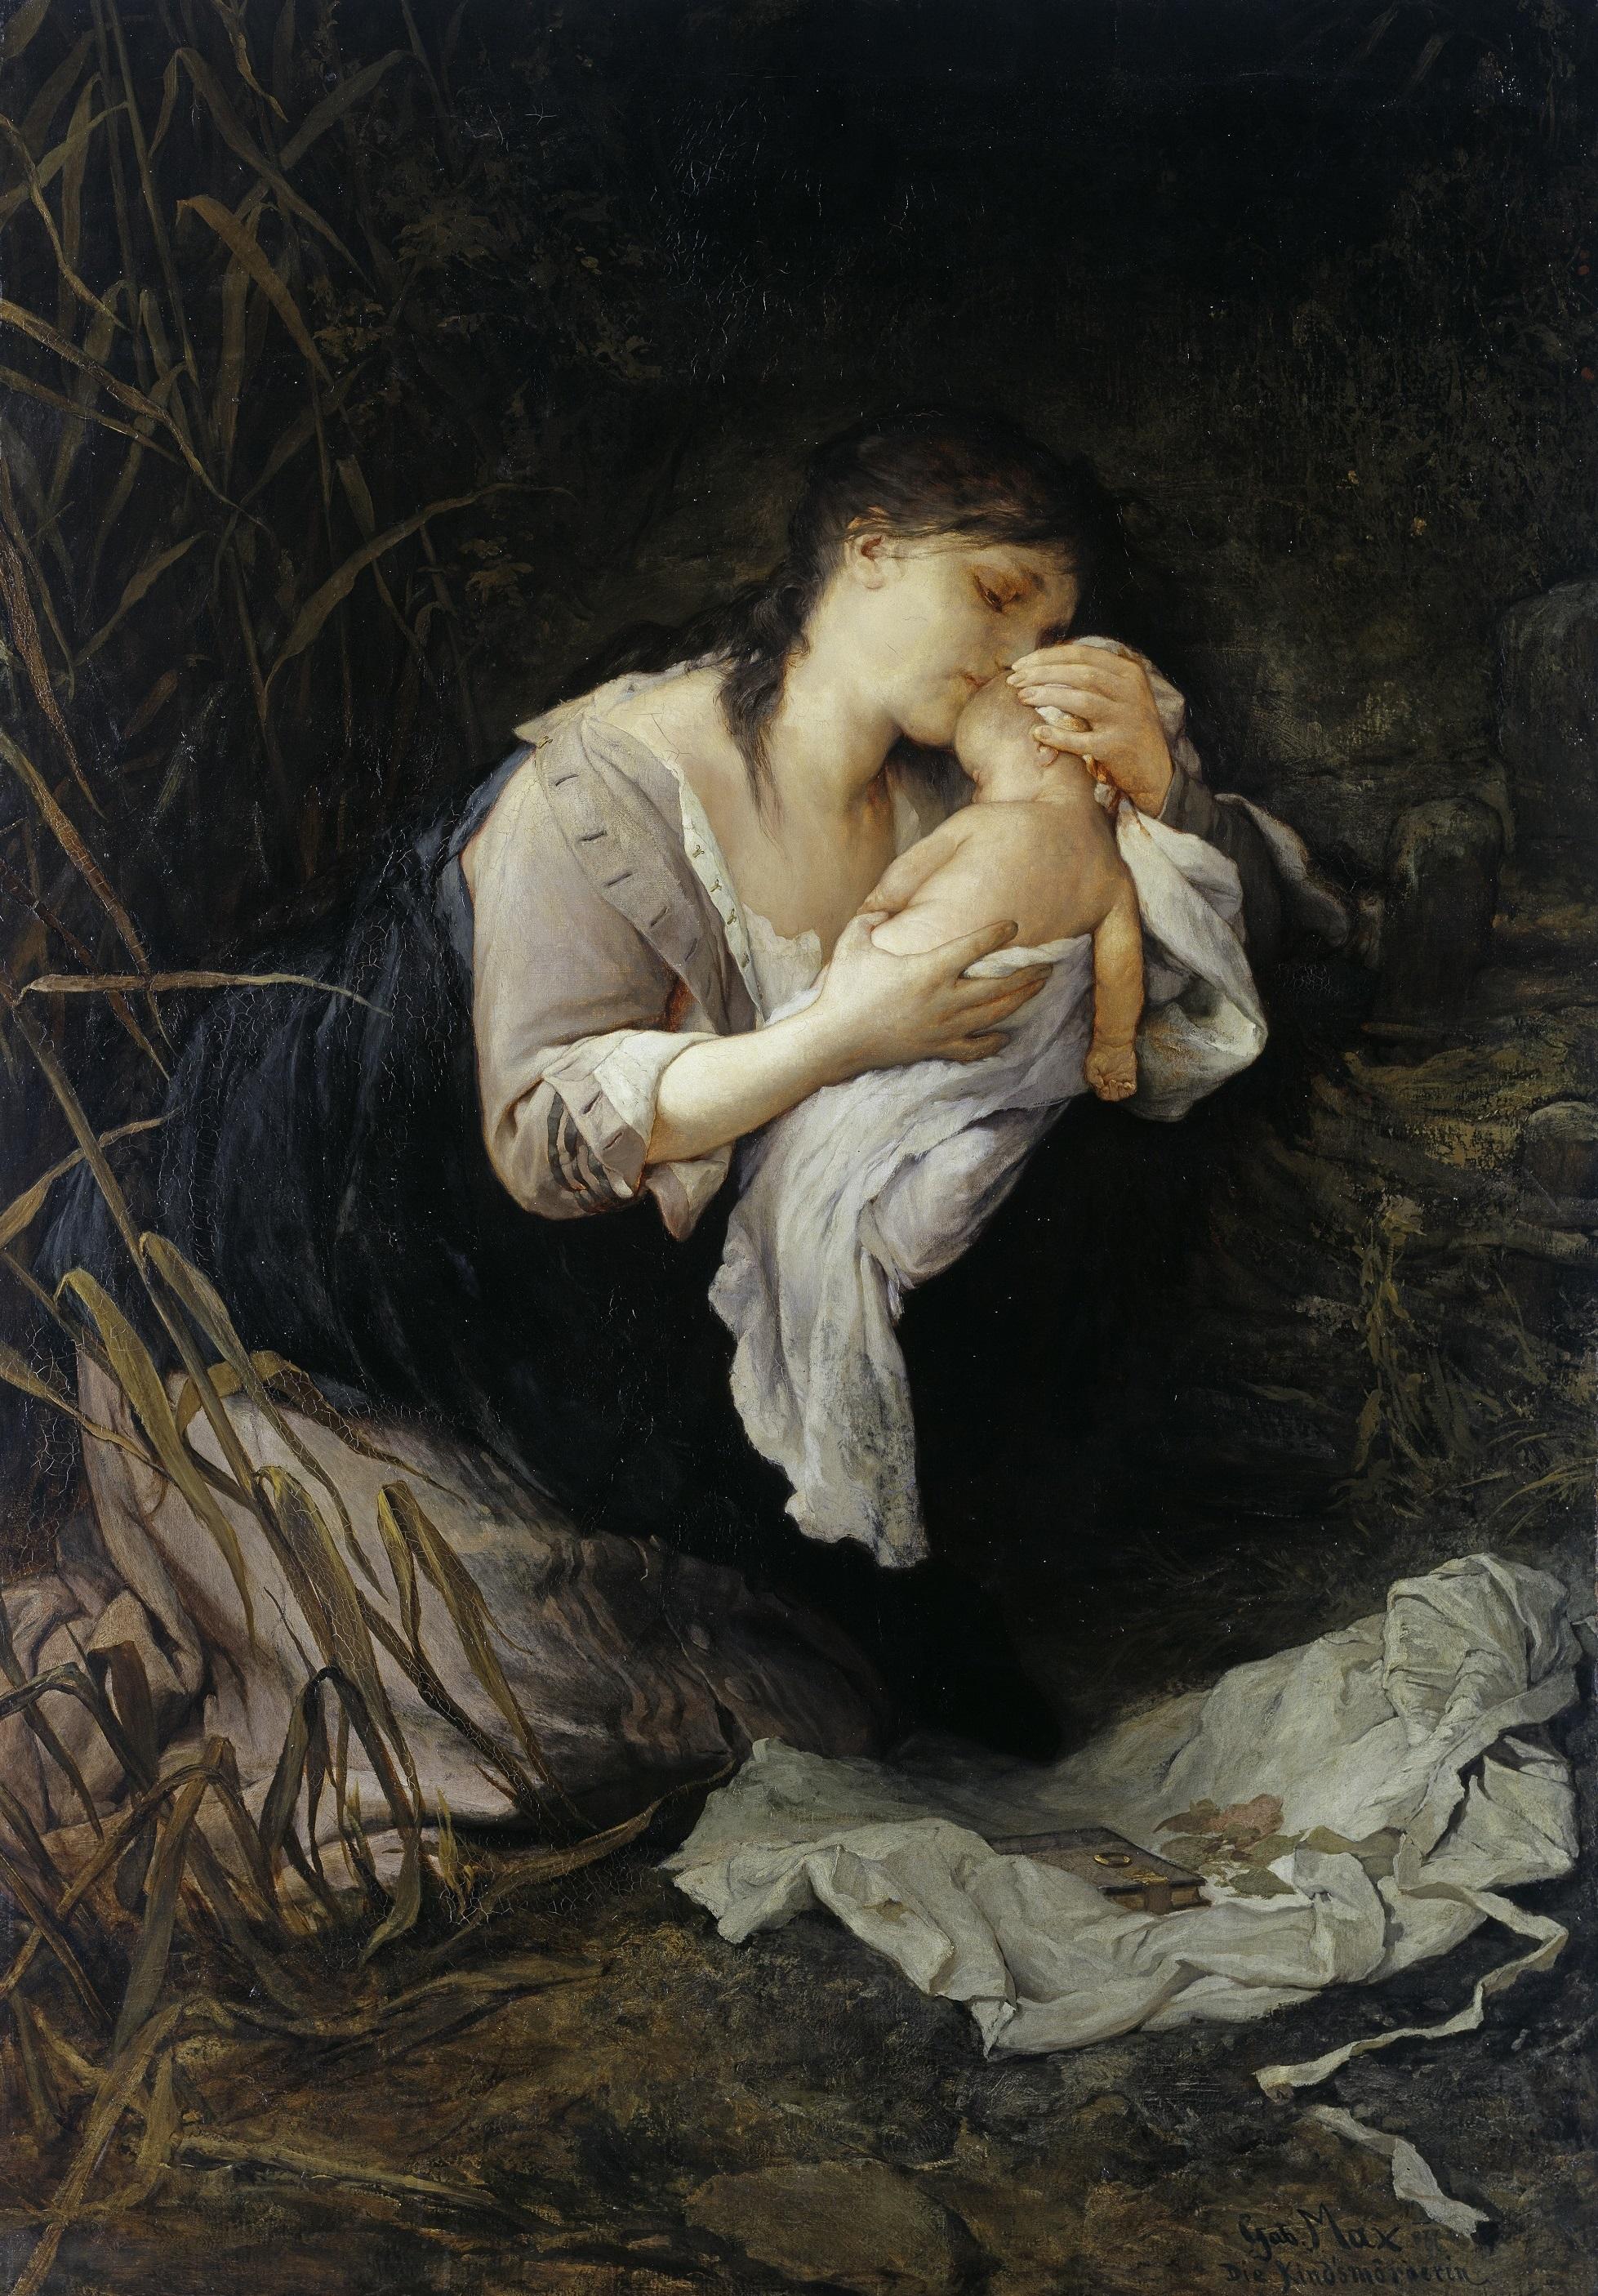 Gabriel Cornelius Ritter von Max (1840-1915), Die Kindsmörderin, 1877, © Hamburger Kunsthalle / bpk Foto: Elke Walford